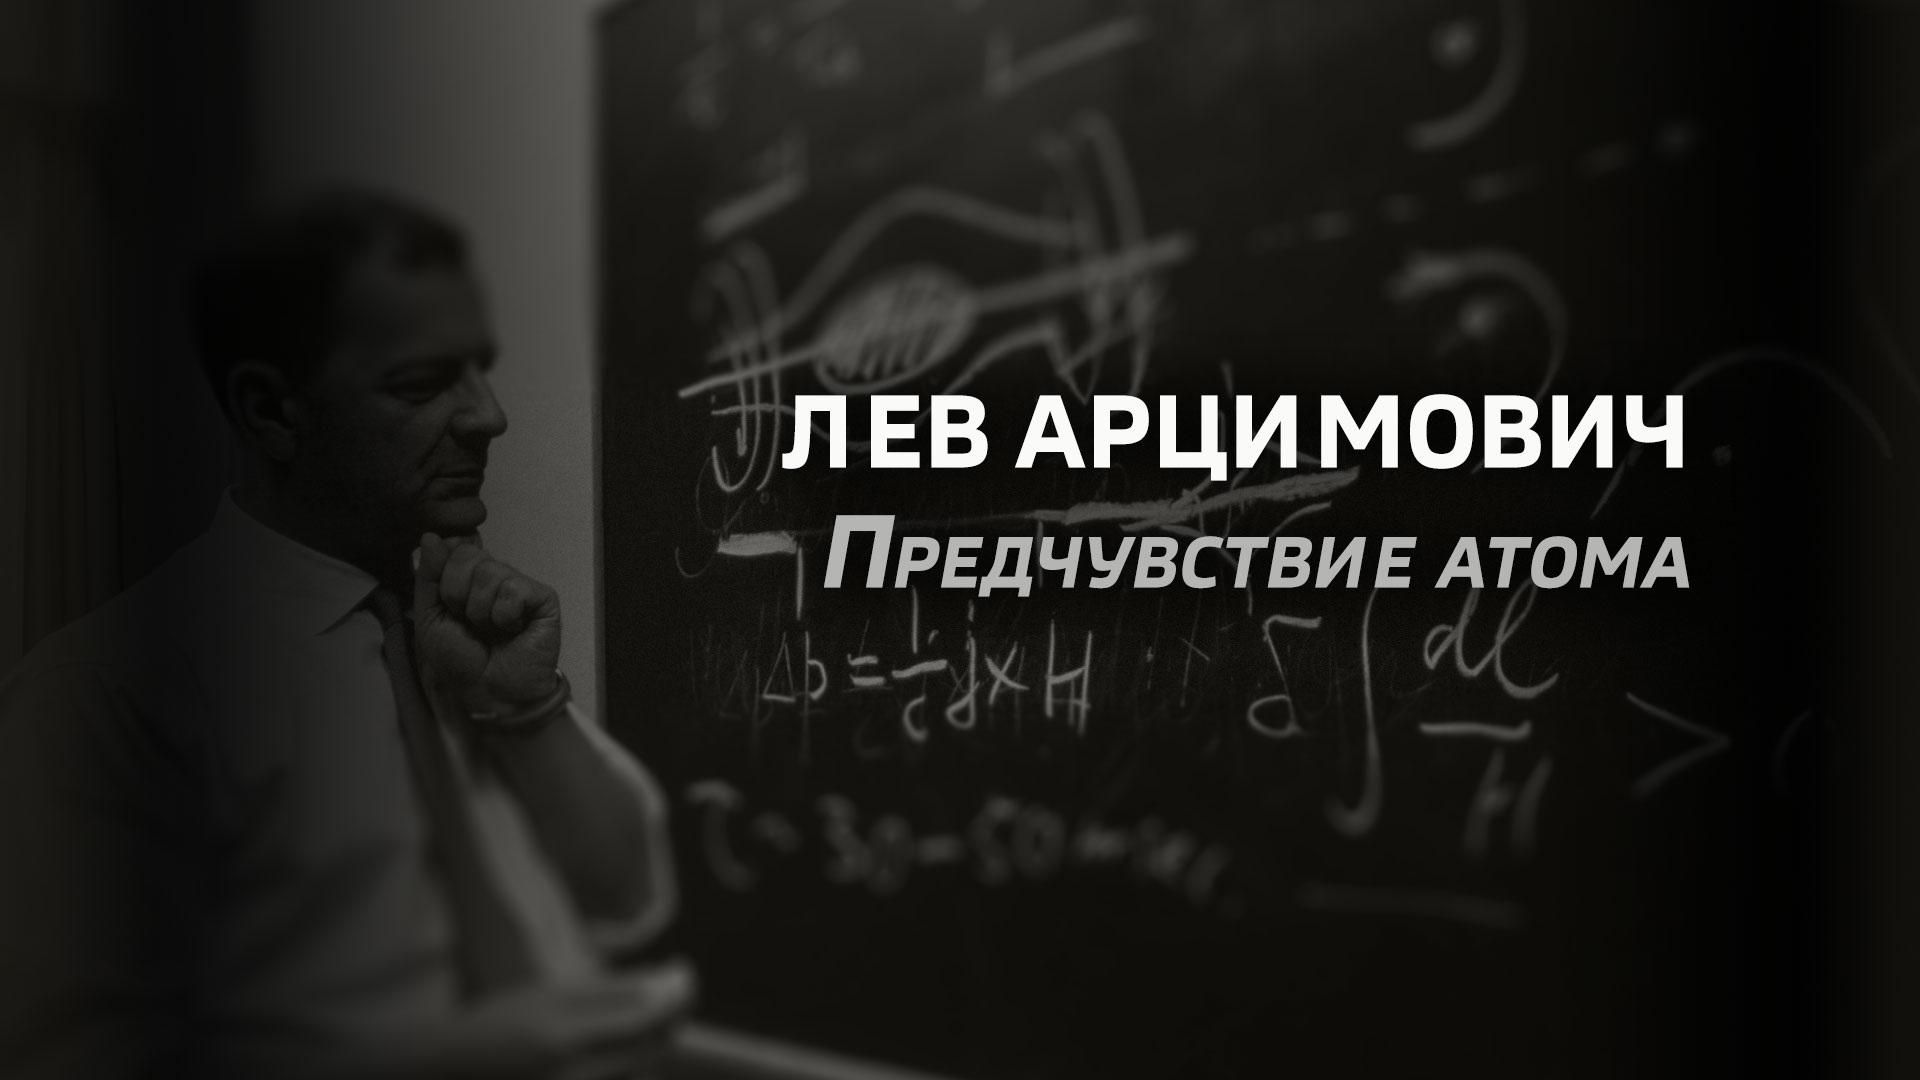 Лев Арцимович. Предчувствие атома